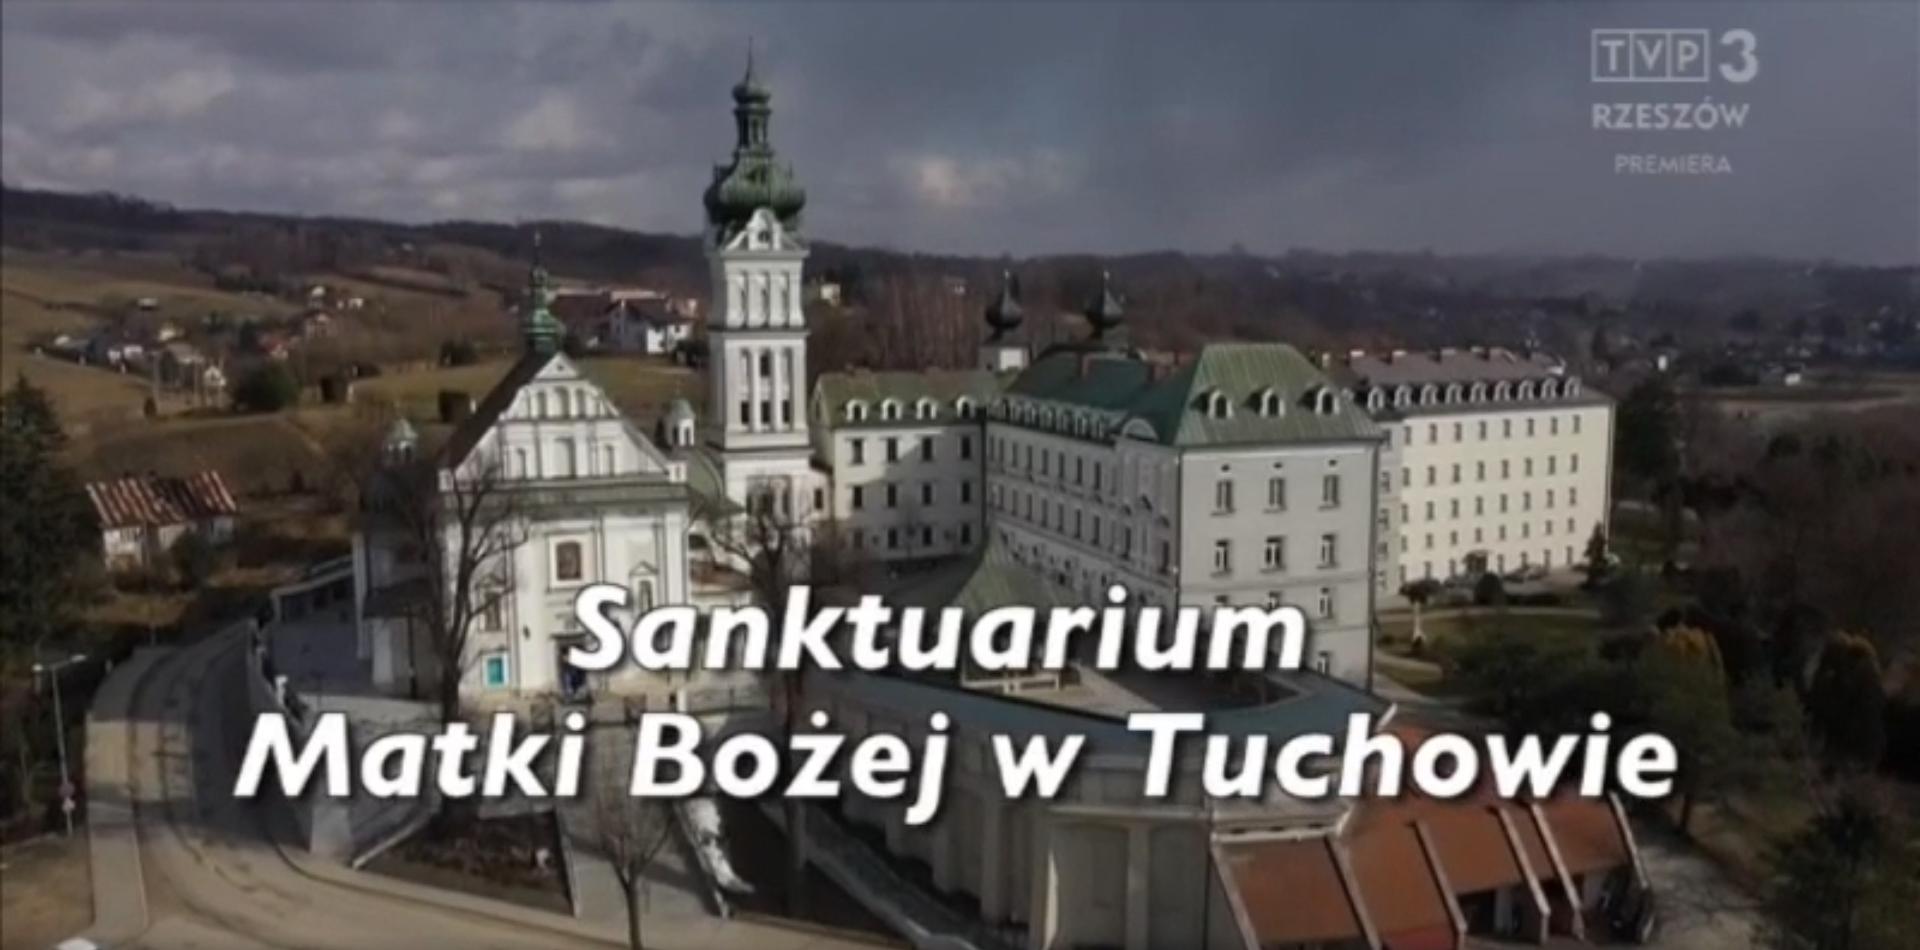 Sanktuarium Matki Bożej Tuchowskiej w relacji TVP3 Rzeszów